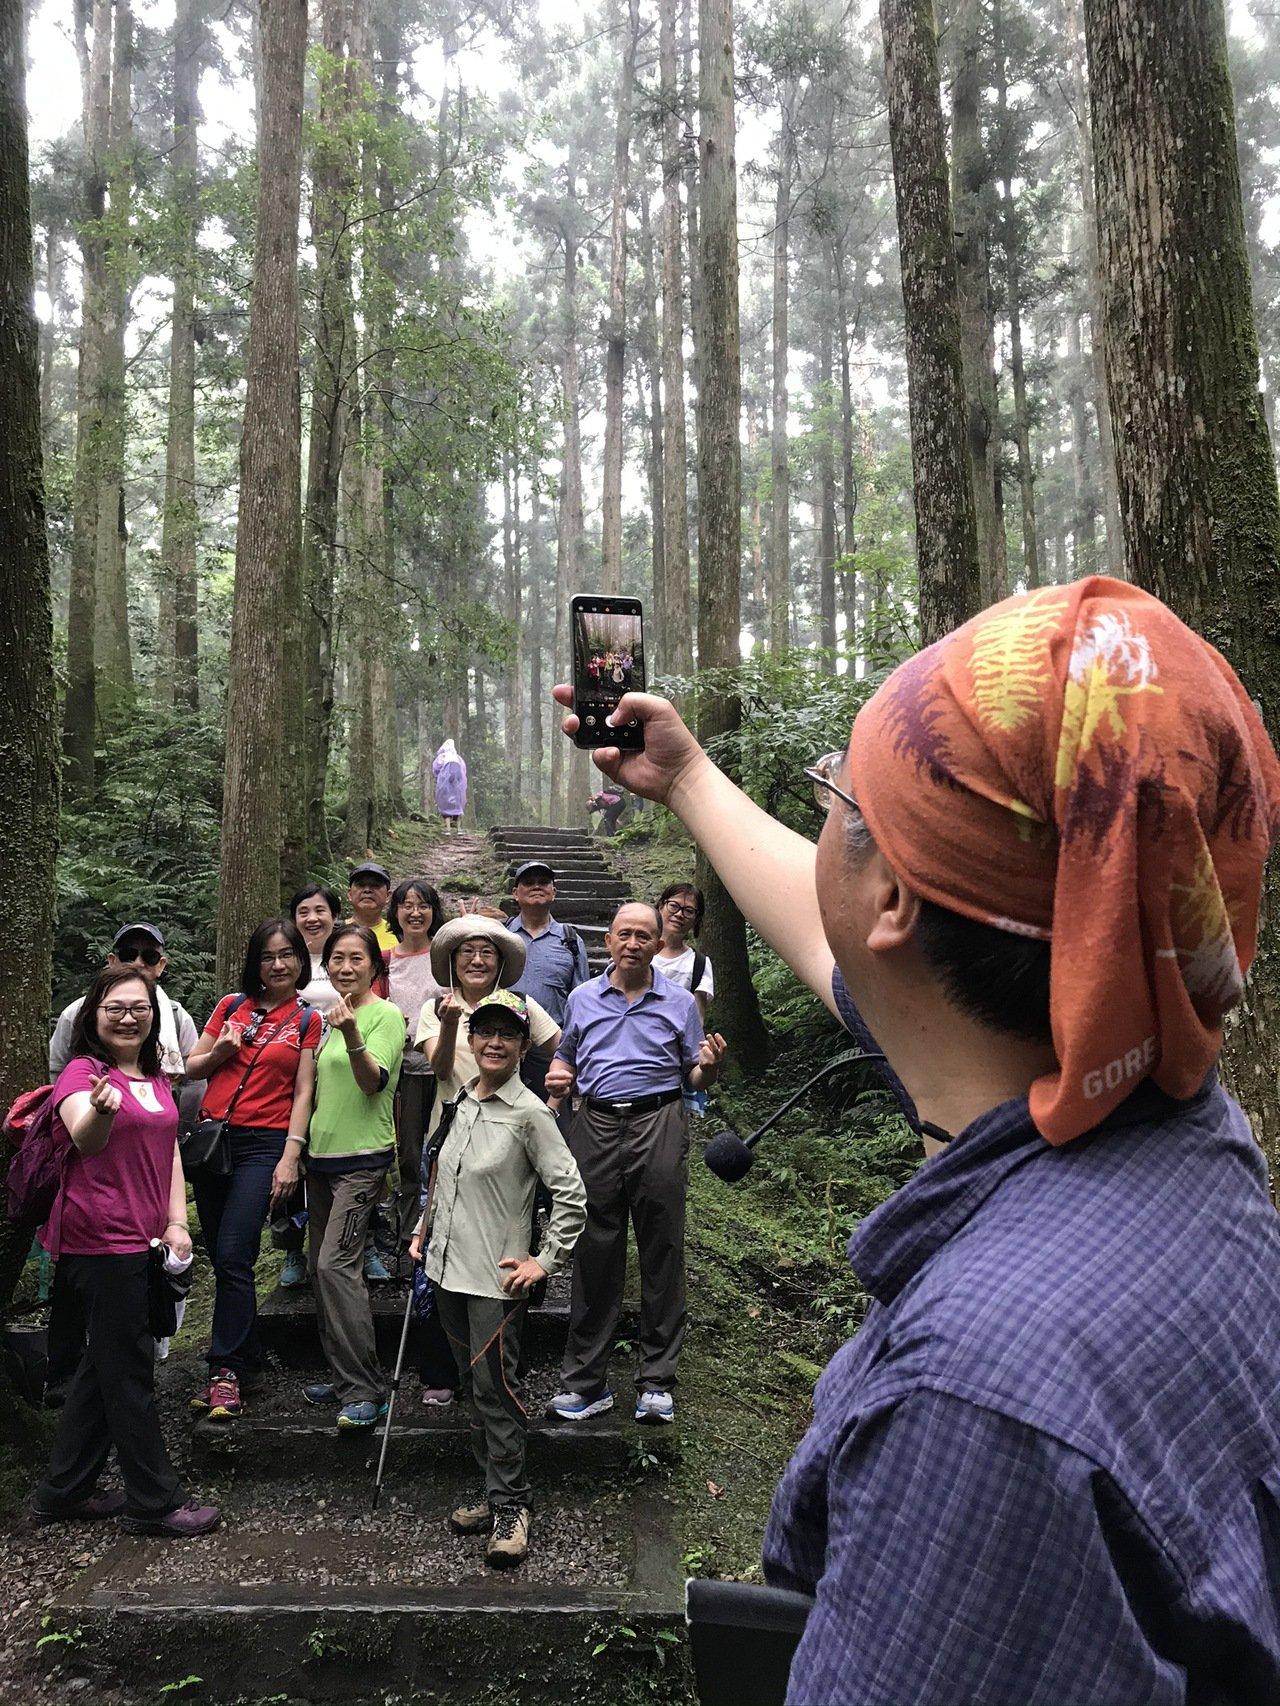 祥哥透過階梯與樹林延伸出線條構圖,幫學員拍團體照。圖/林育如攝影